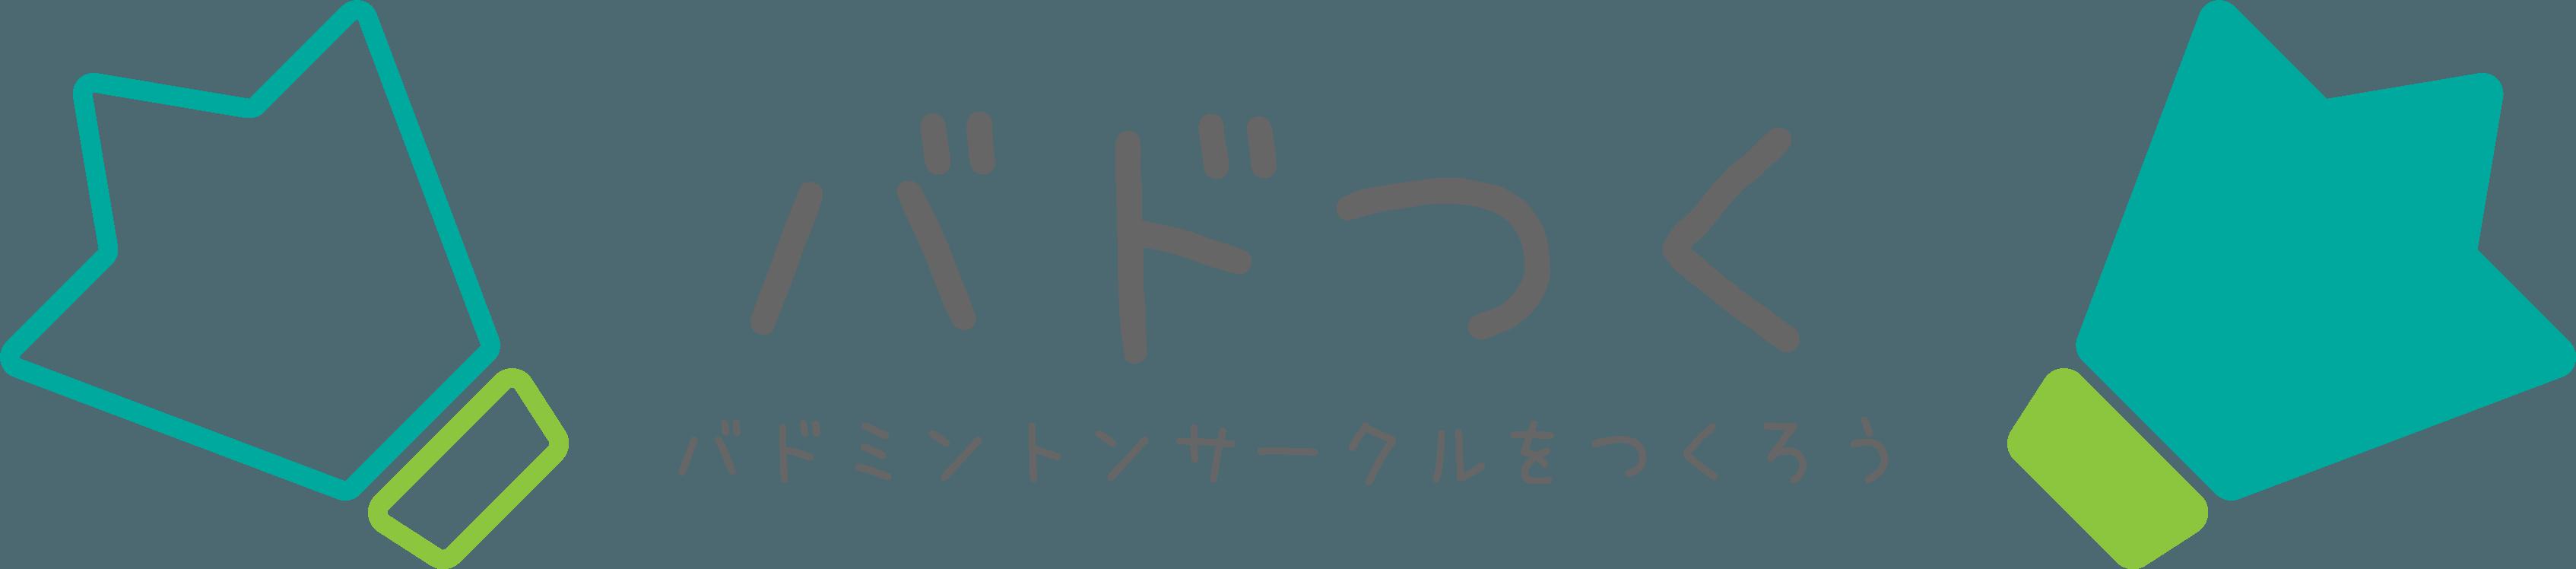 バドつくロゴ